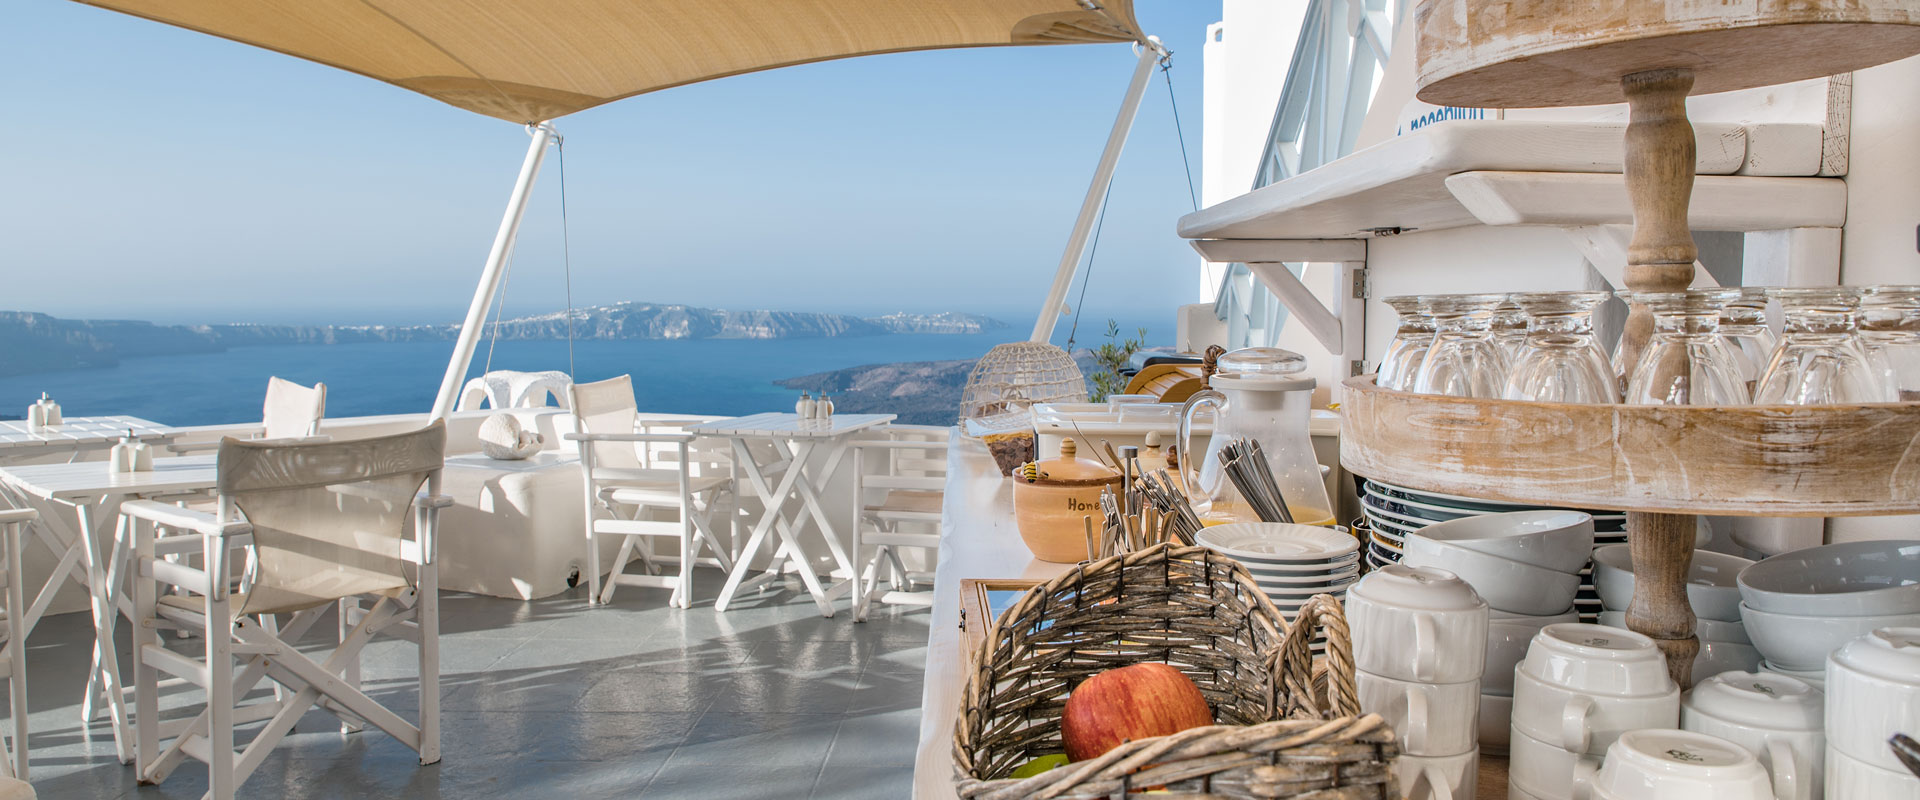 Santorini Apartments & Suites   Veranda to Caldera